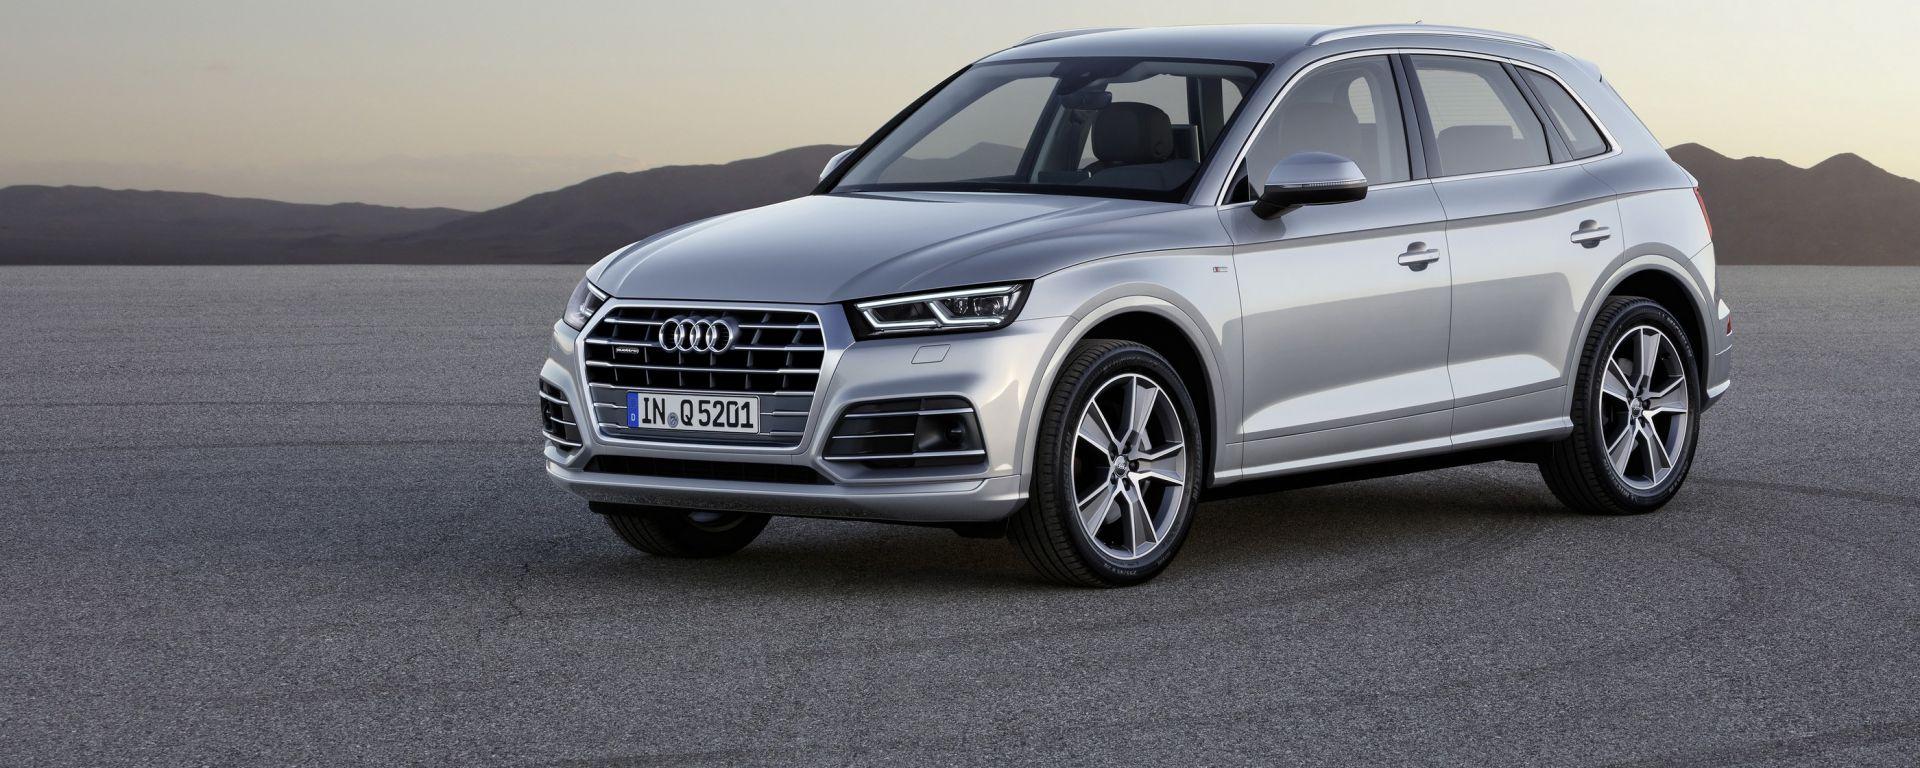 Audi Q5: la nuova suv degli anelli arriverà nelle concessionarie nel corso del gennaio 2017